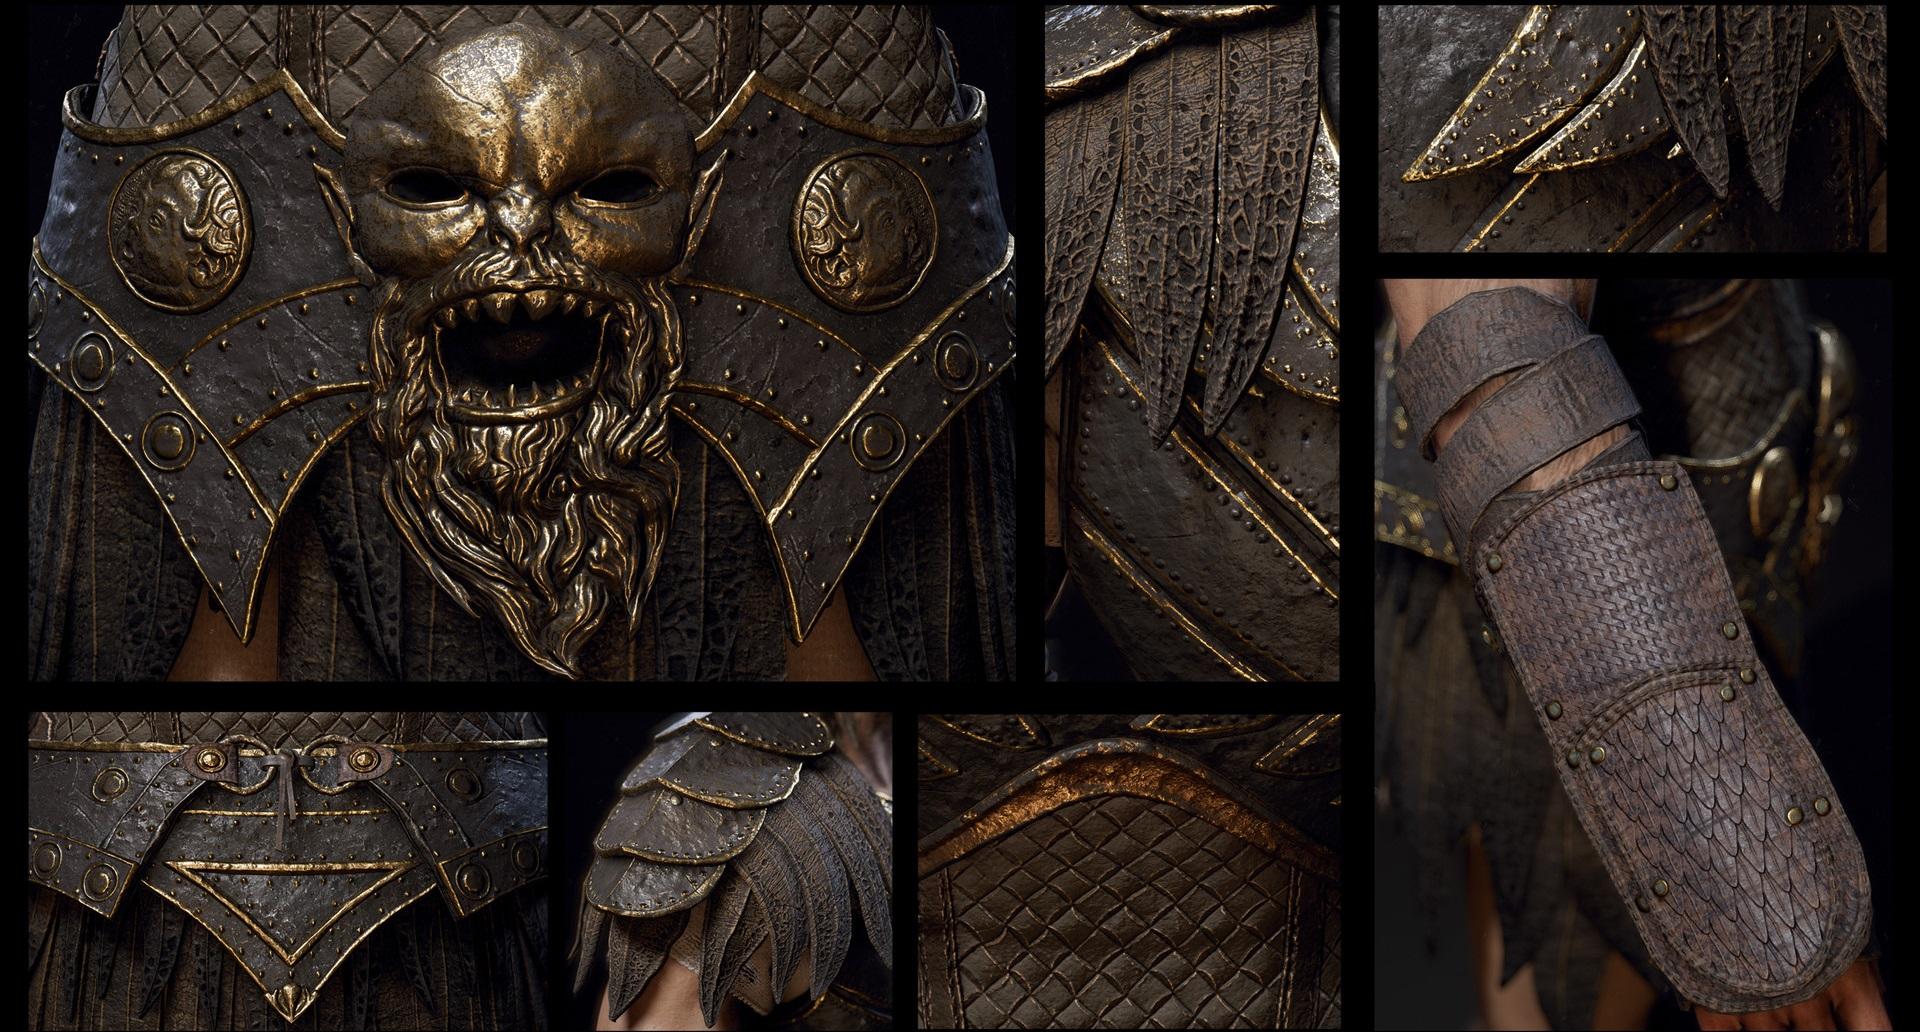 Armor of Kronos